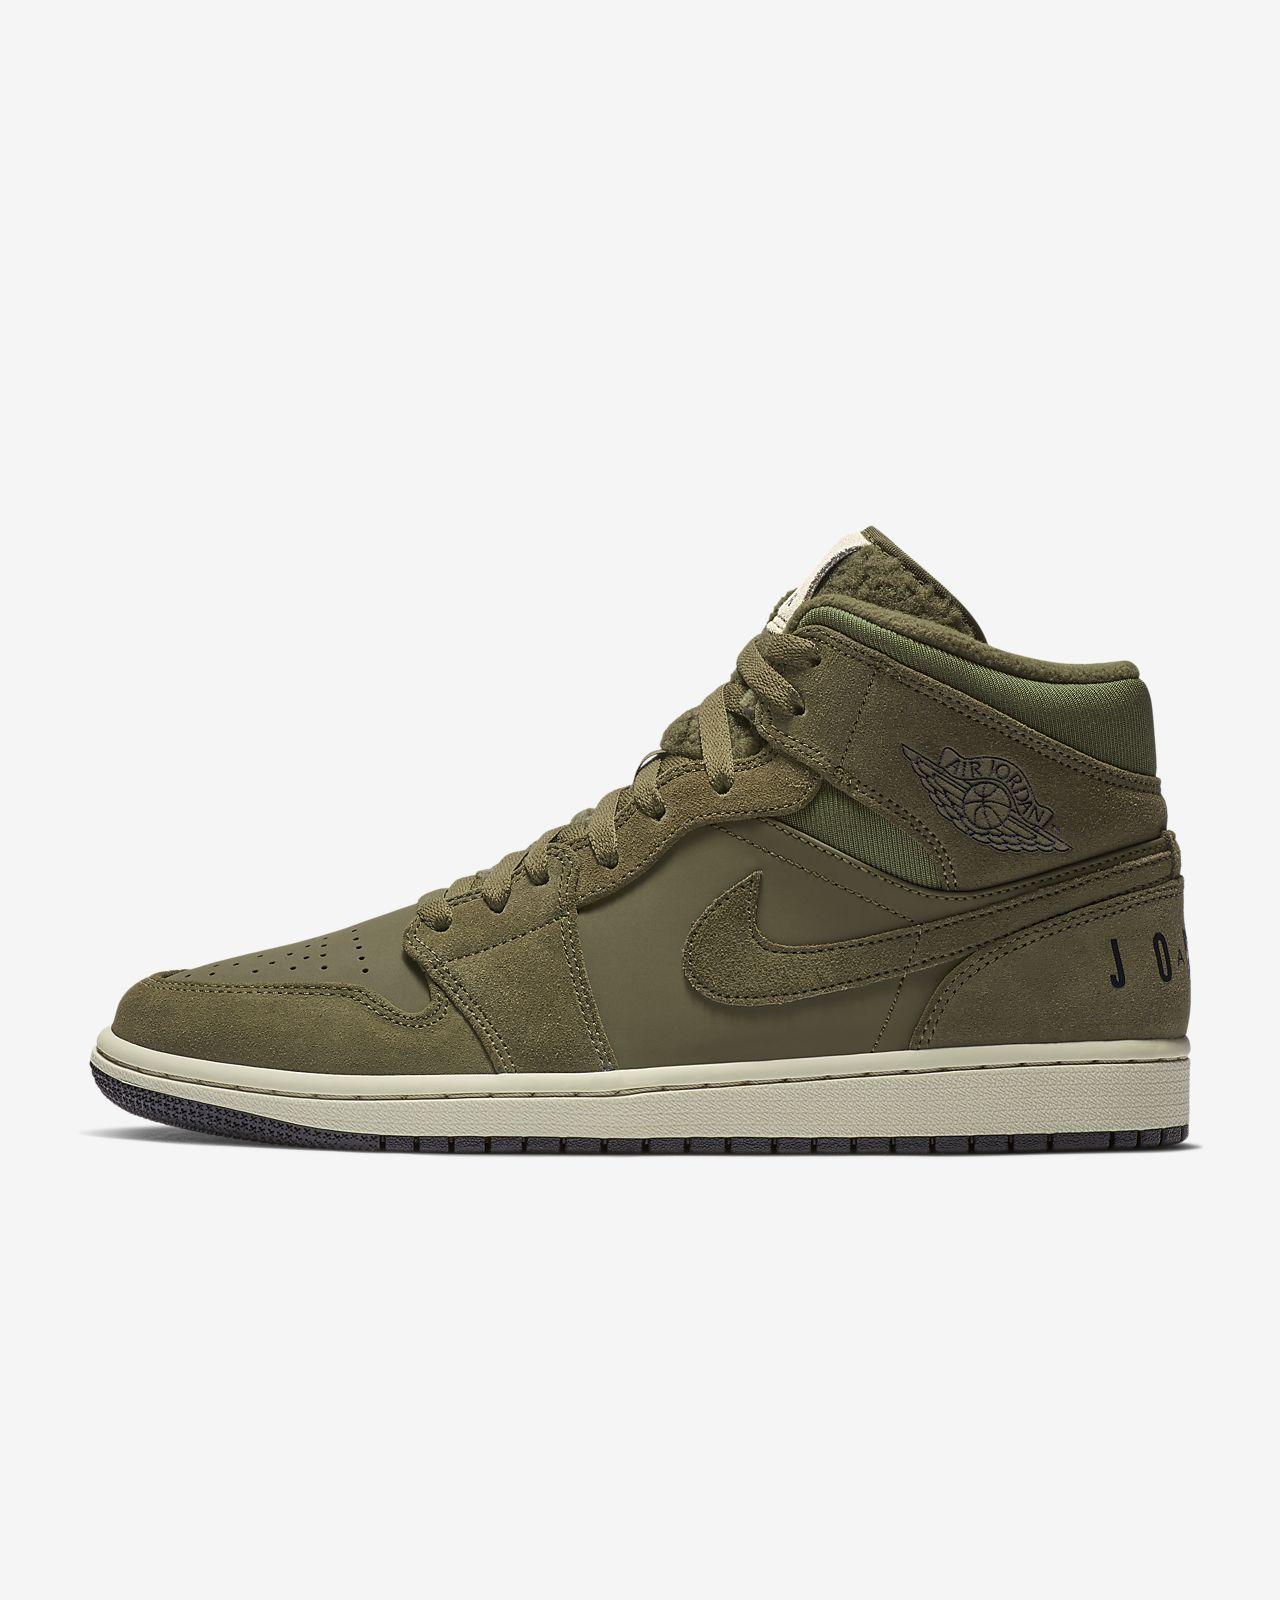 Air Jordan 1 Mid Premium Erkek Ayakkabısı